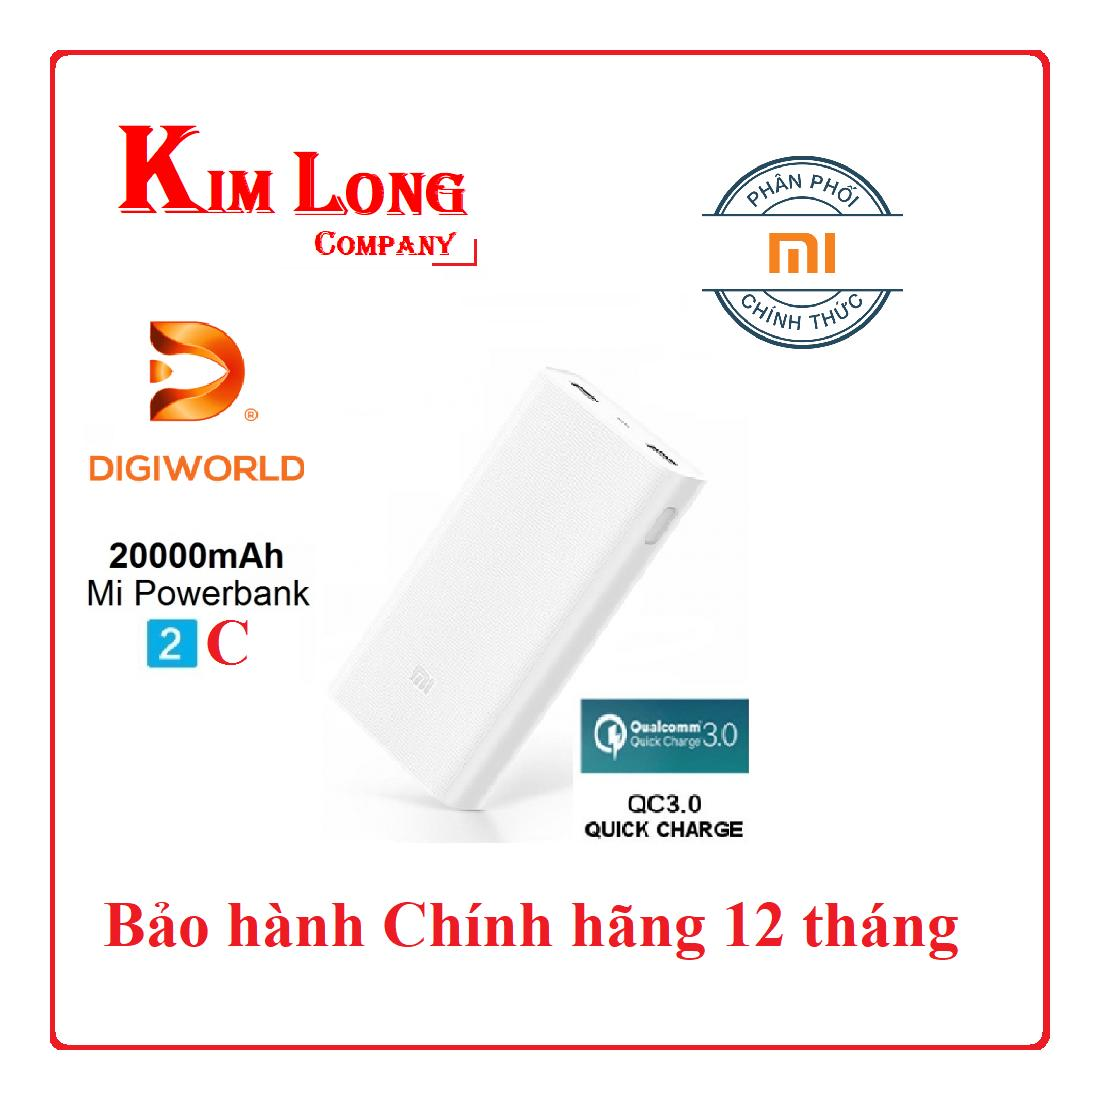 Pin dự phòng Xiaomi 20000mAh Gen 2C Phiên bản mới nhất – Digiworld phân phối chính thức Đang Bán Tại CÔNG TY KIM LONG